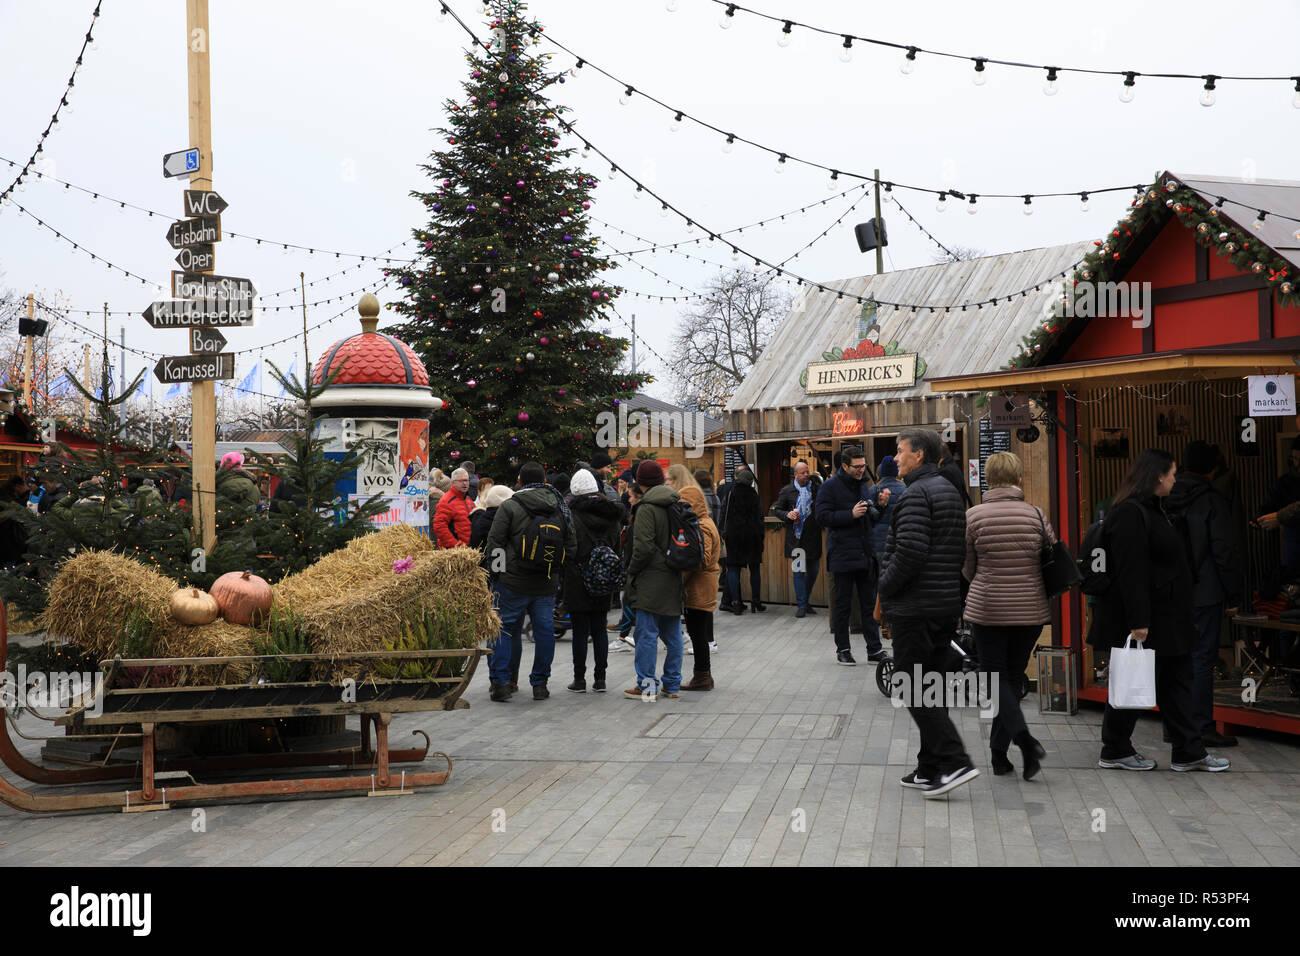 Christmas market at Zurich near opera theatre, Zurich, Switzerland, Europe - Stock Image